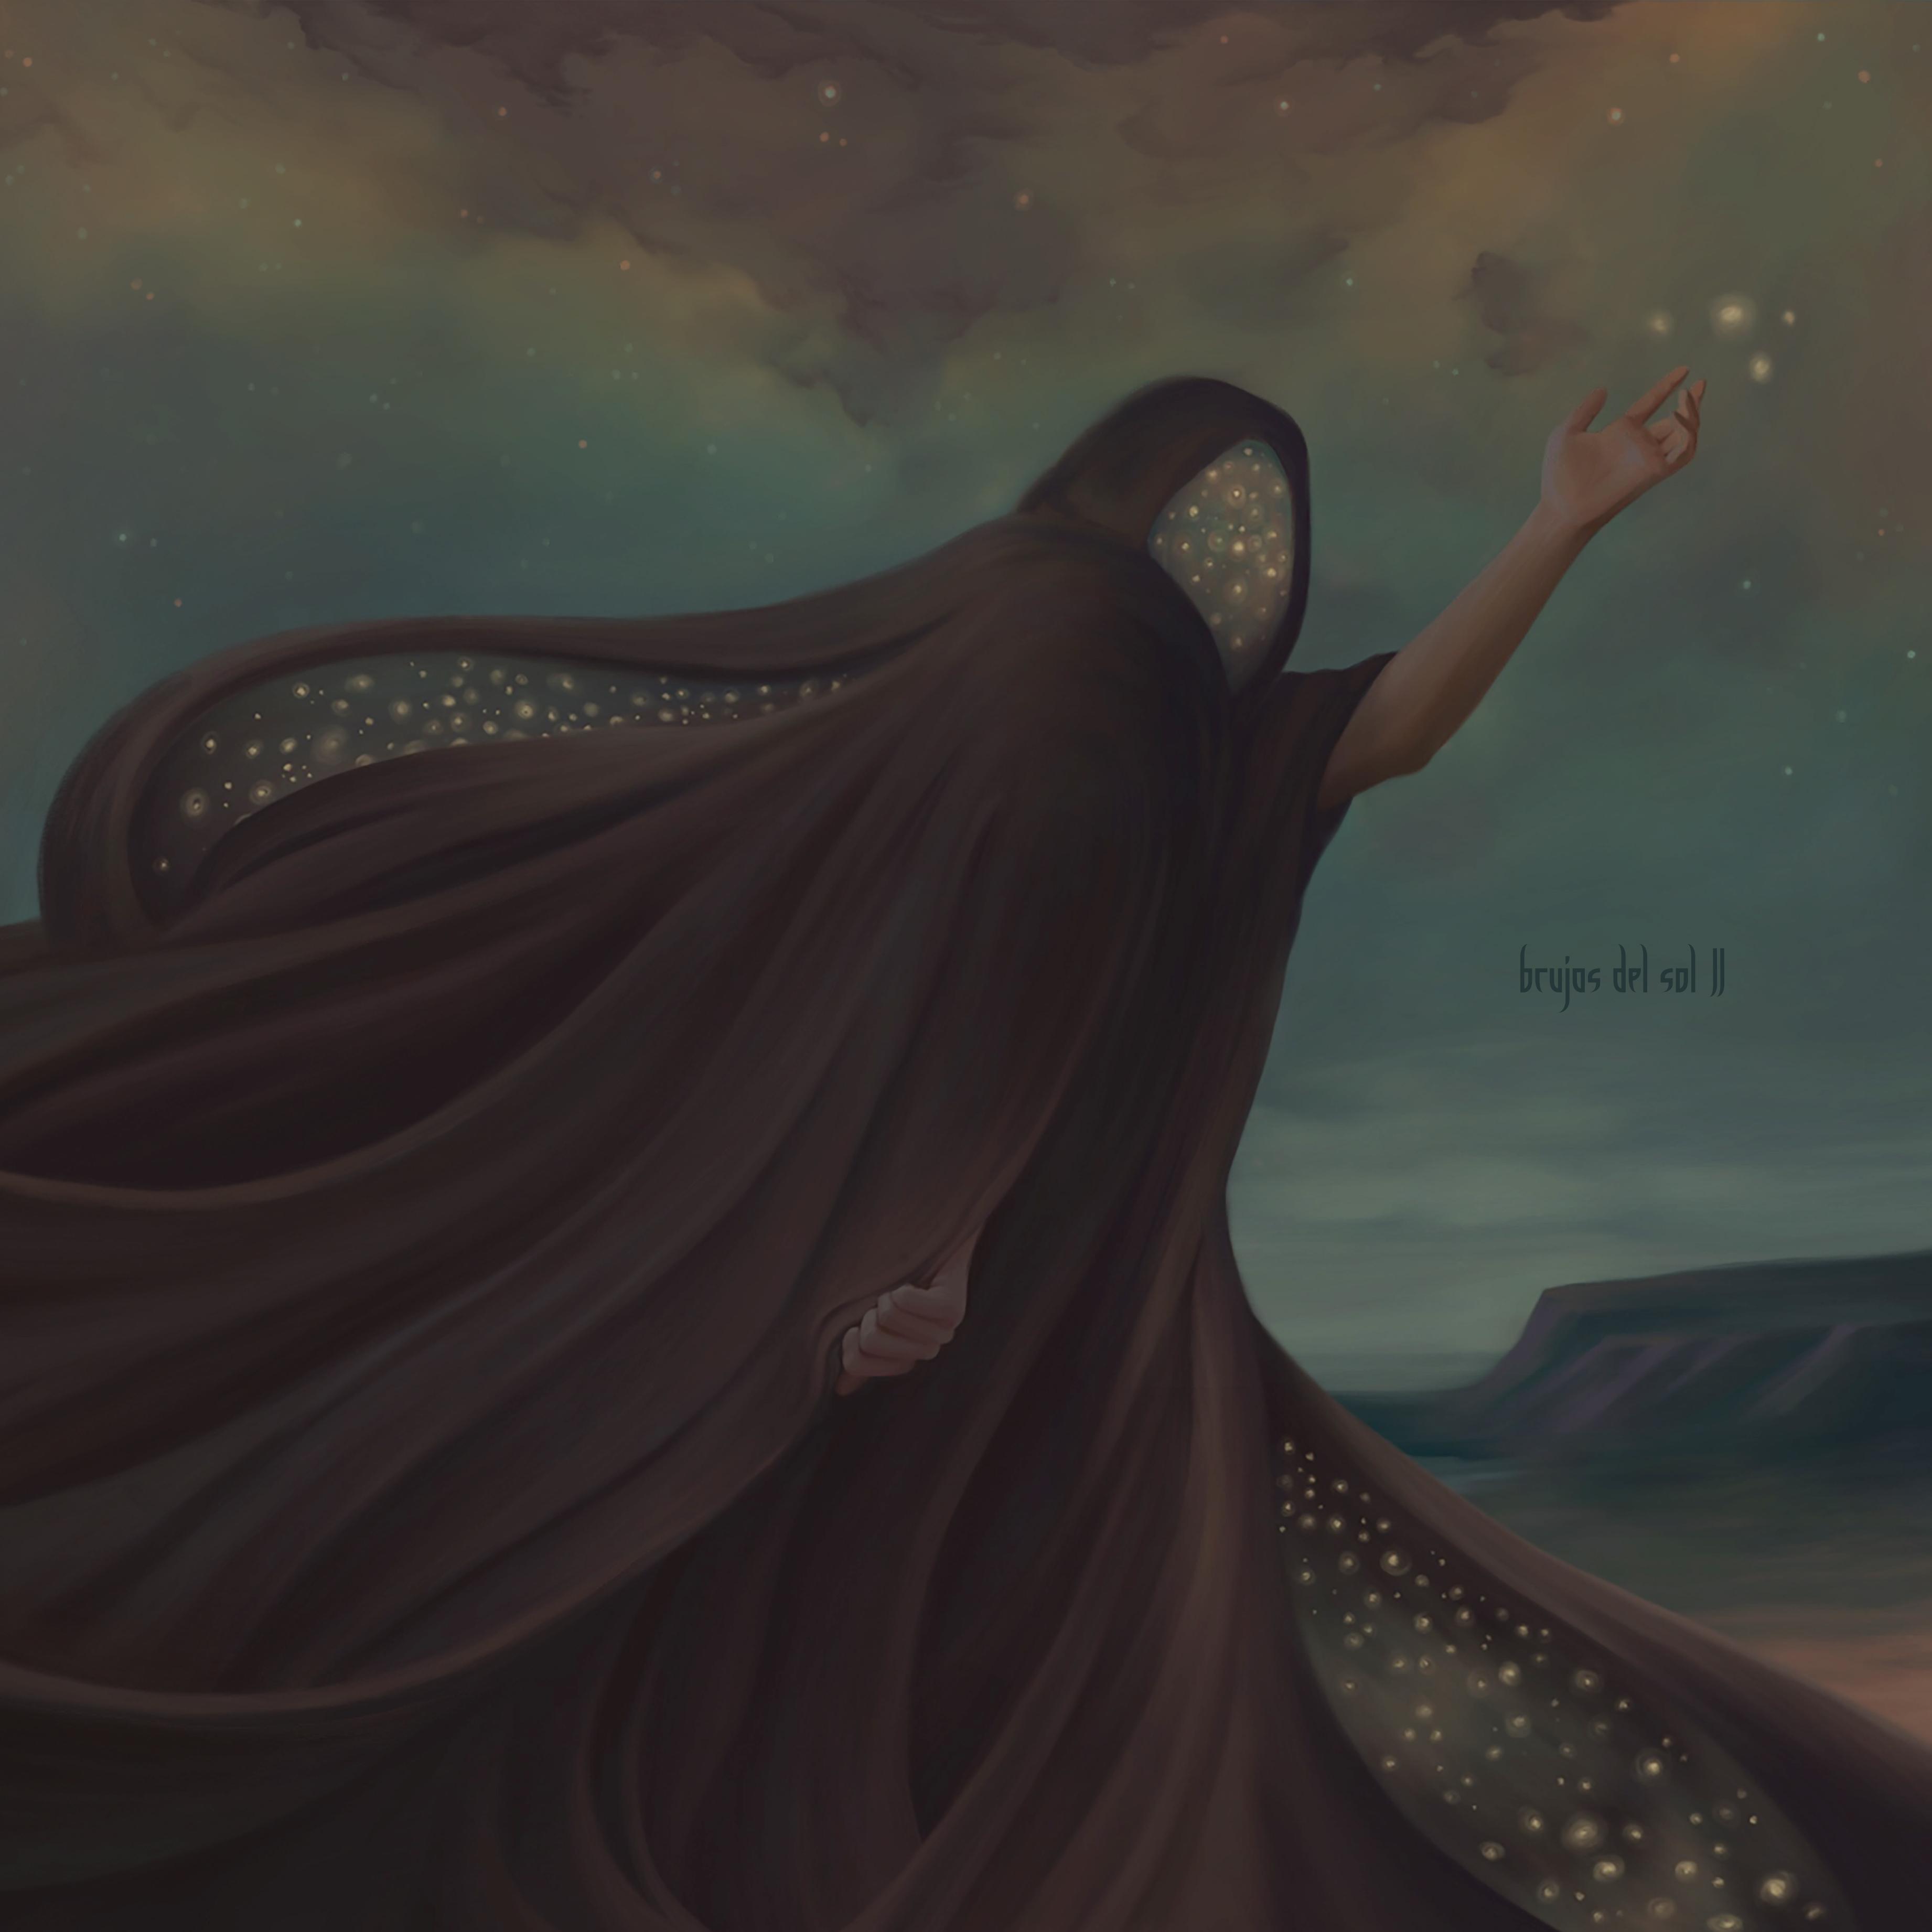 brujas del sol ii